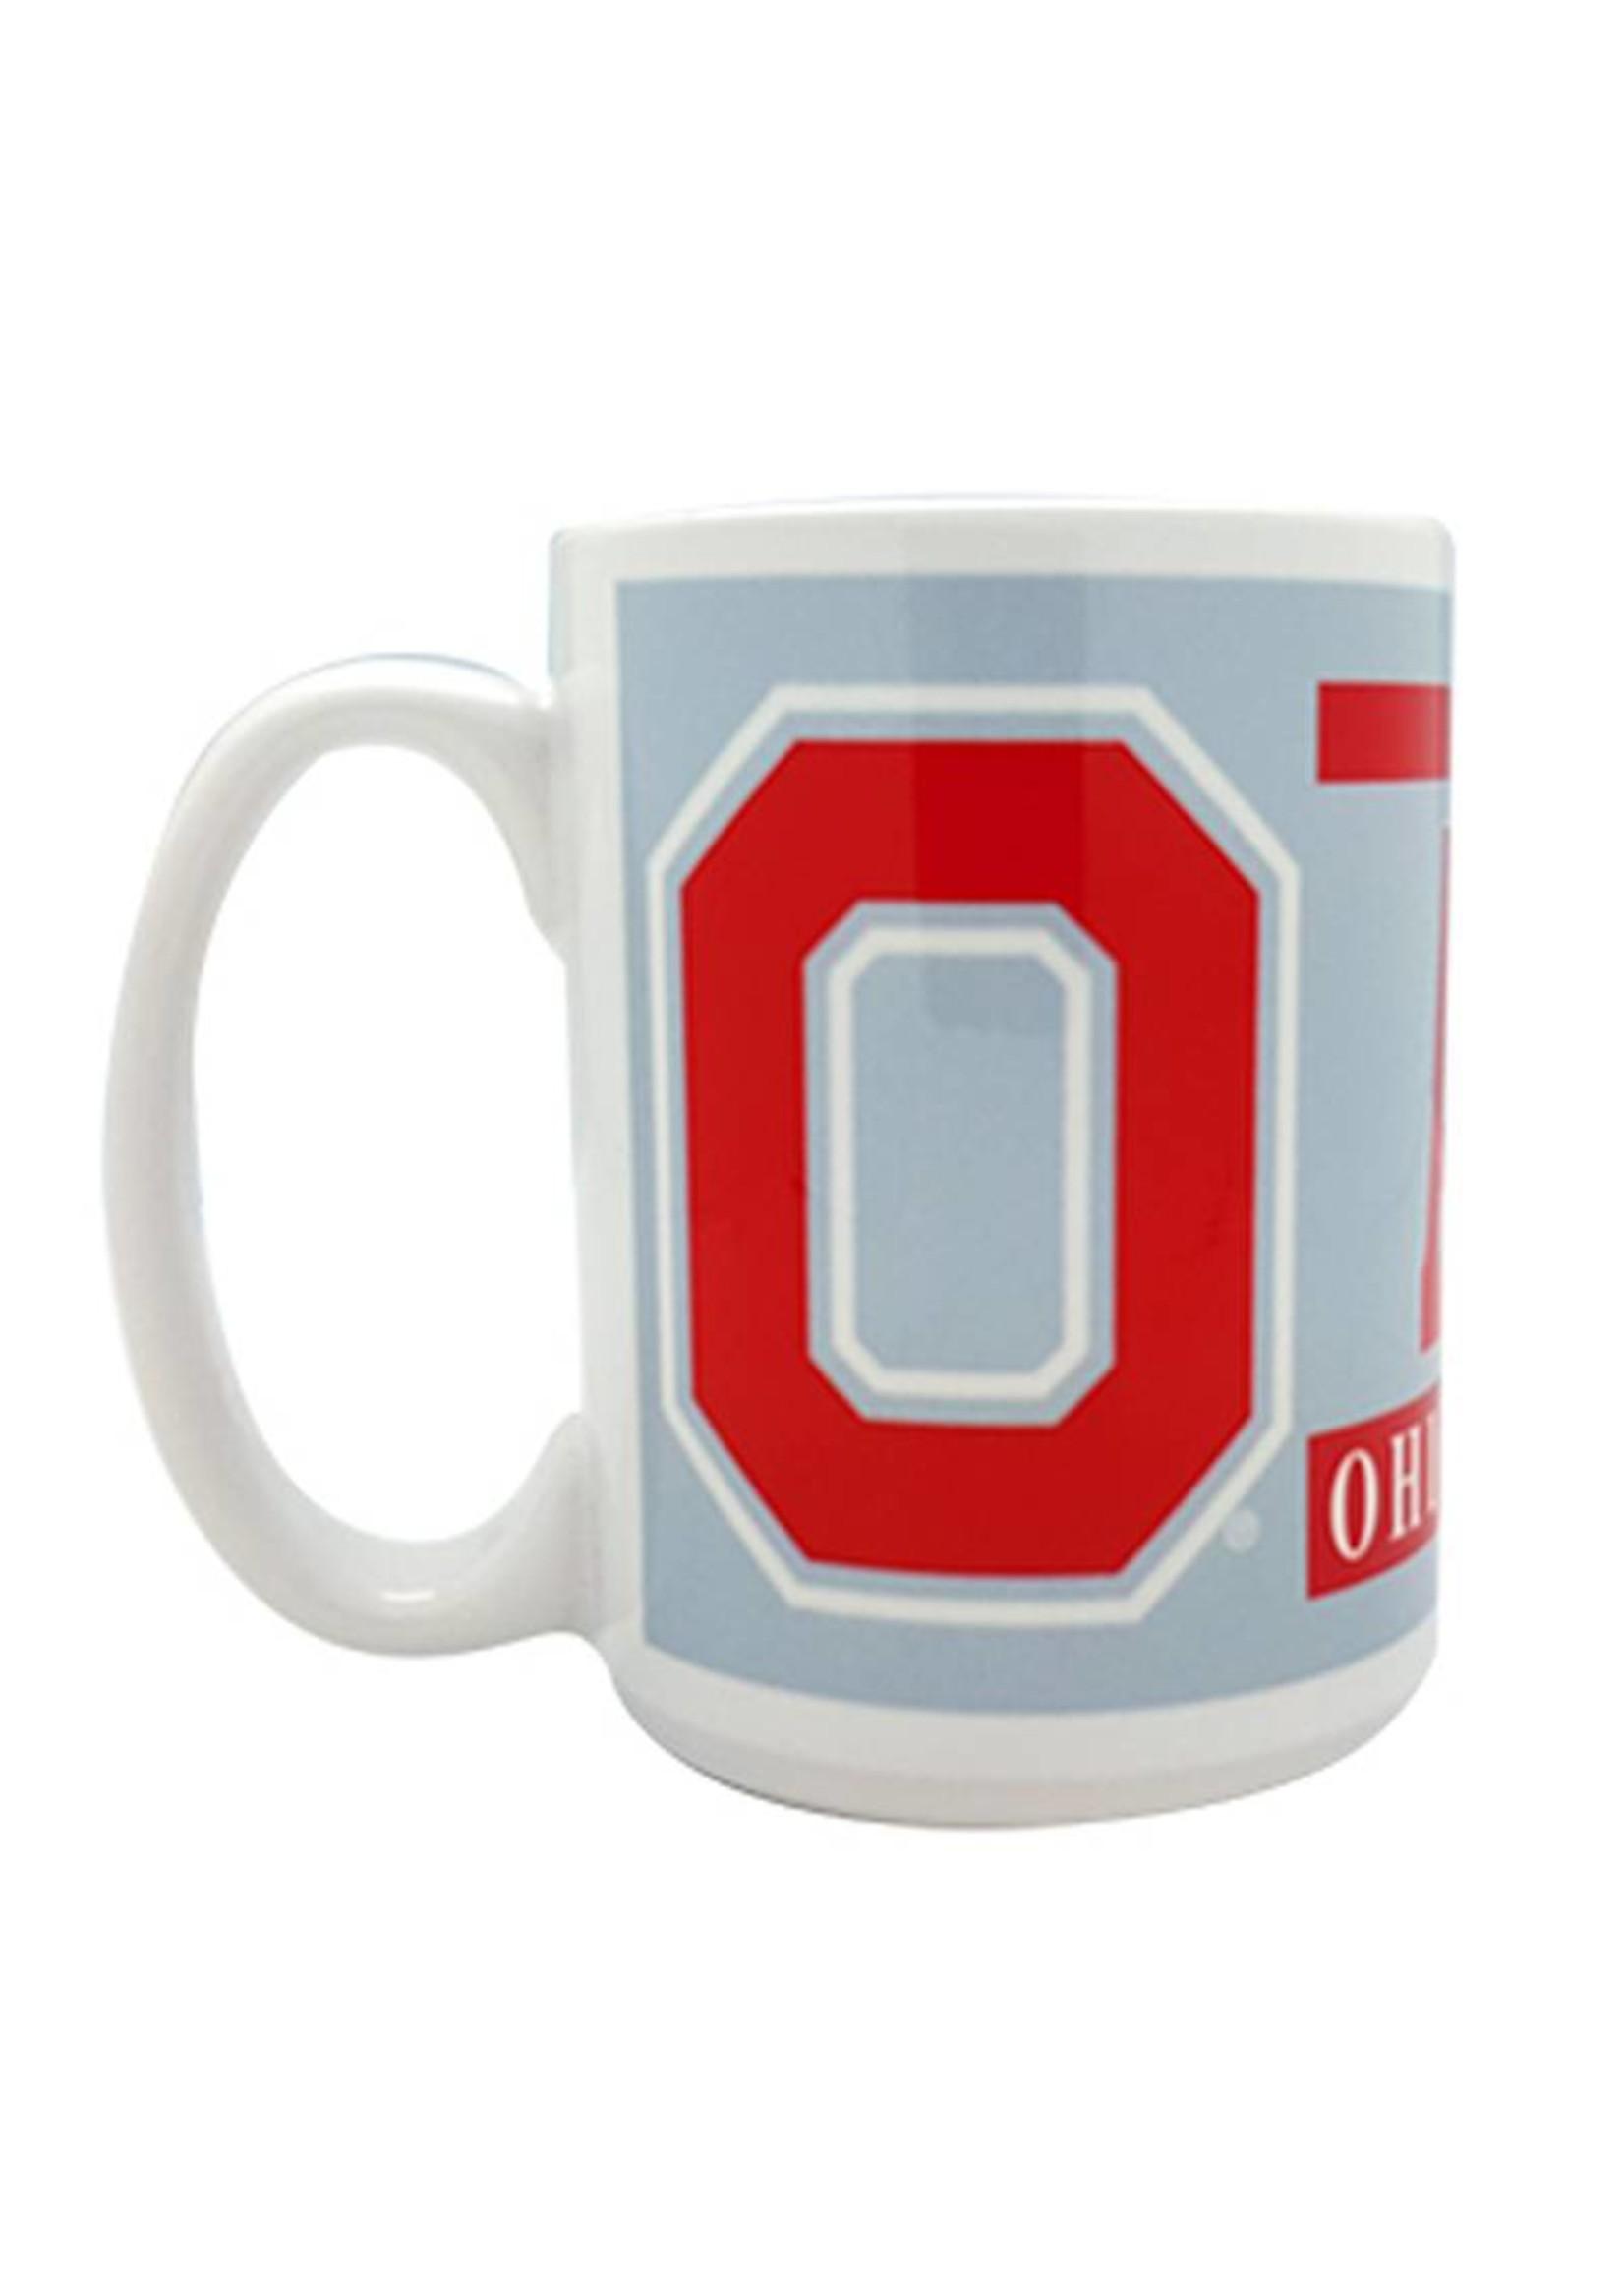 Ohio State University Alumni 15 oz. Mug